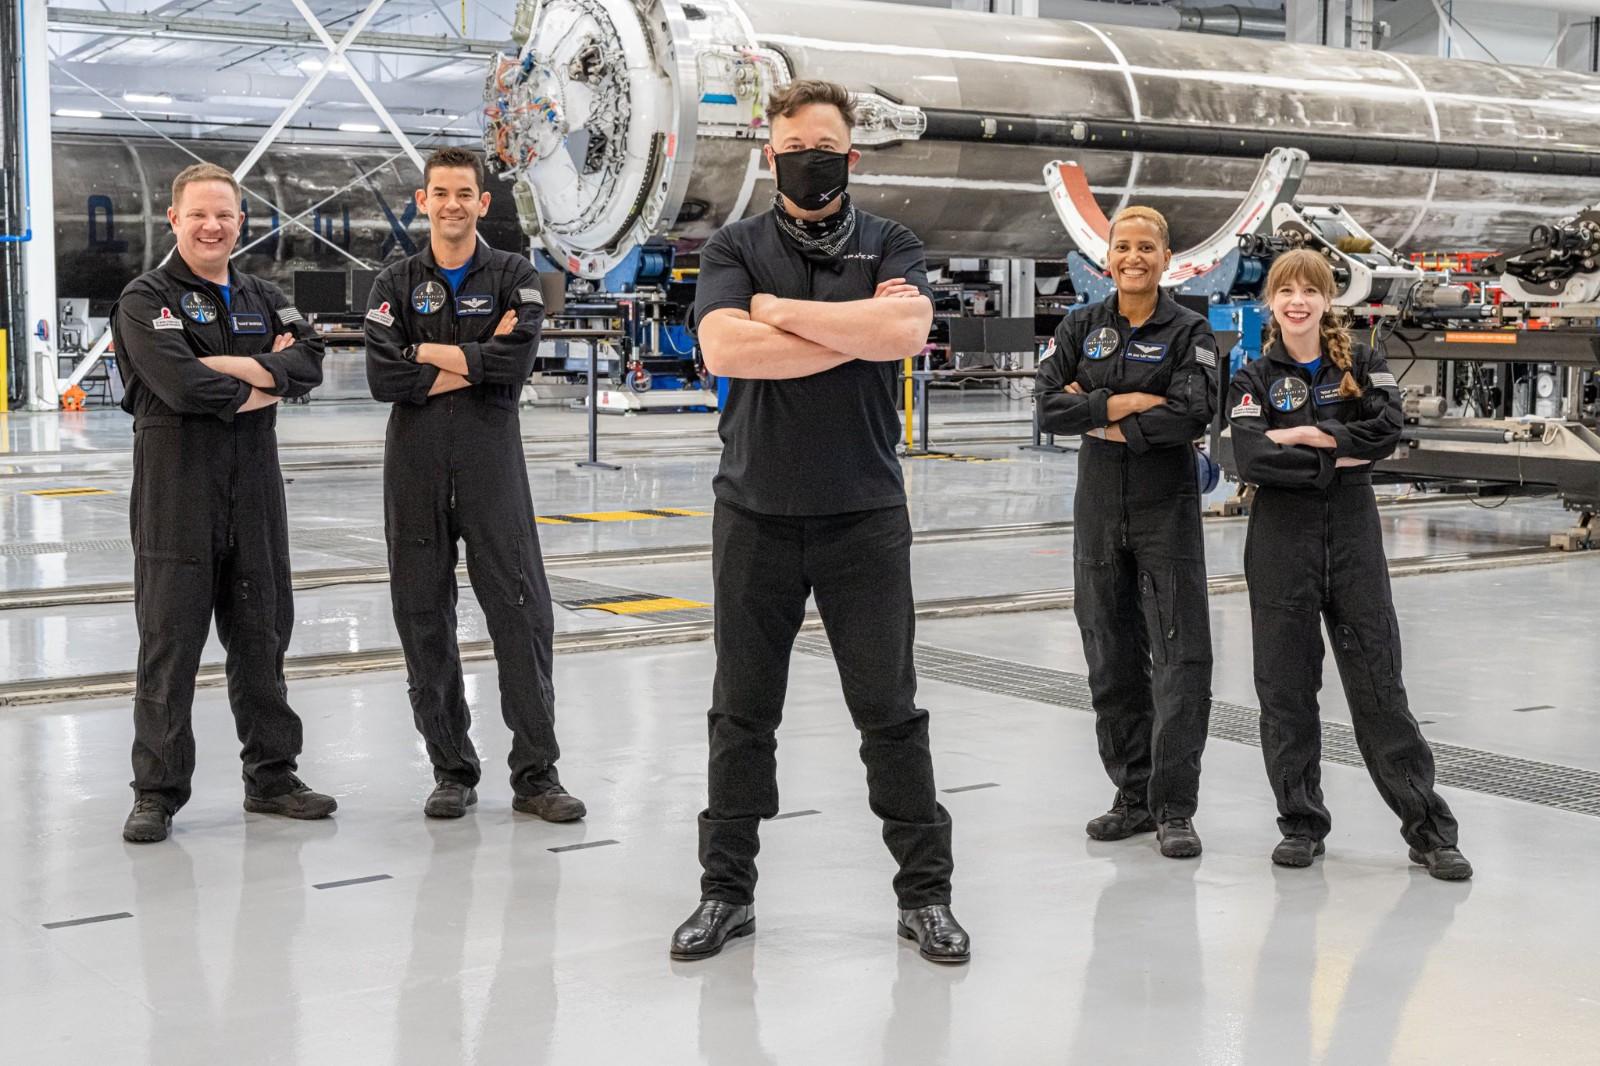 马斯克和四名非专业宇航员合影